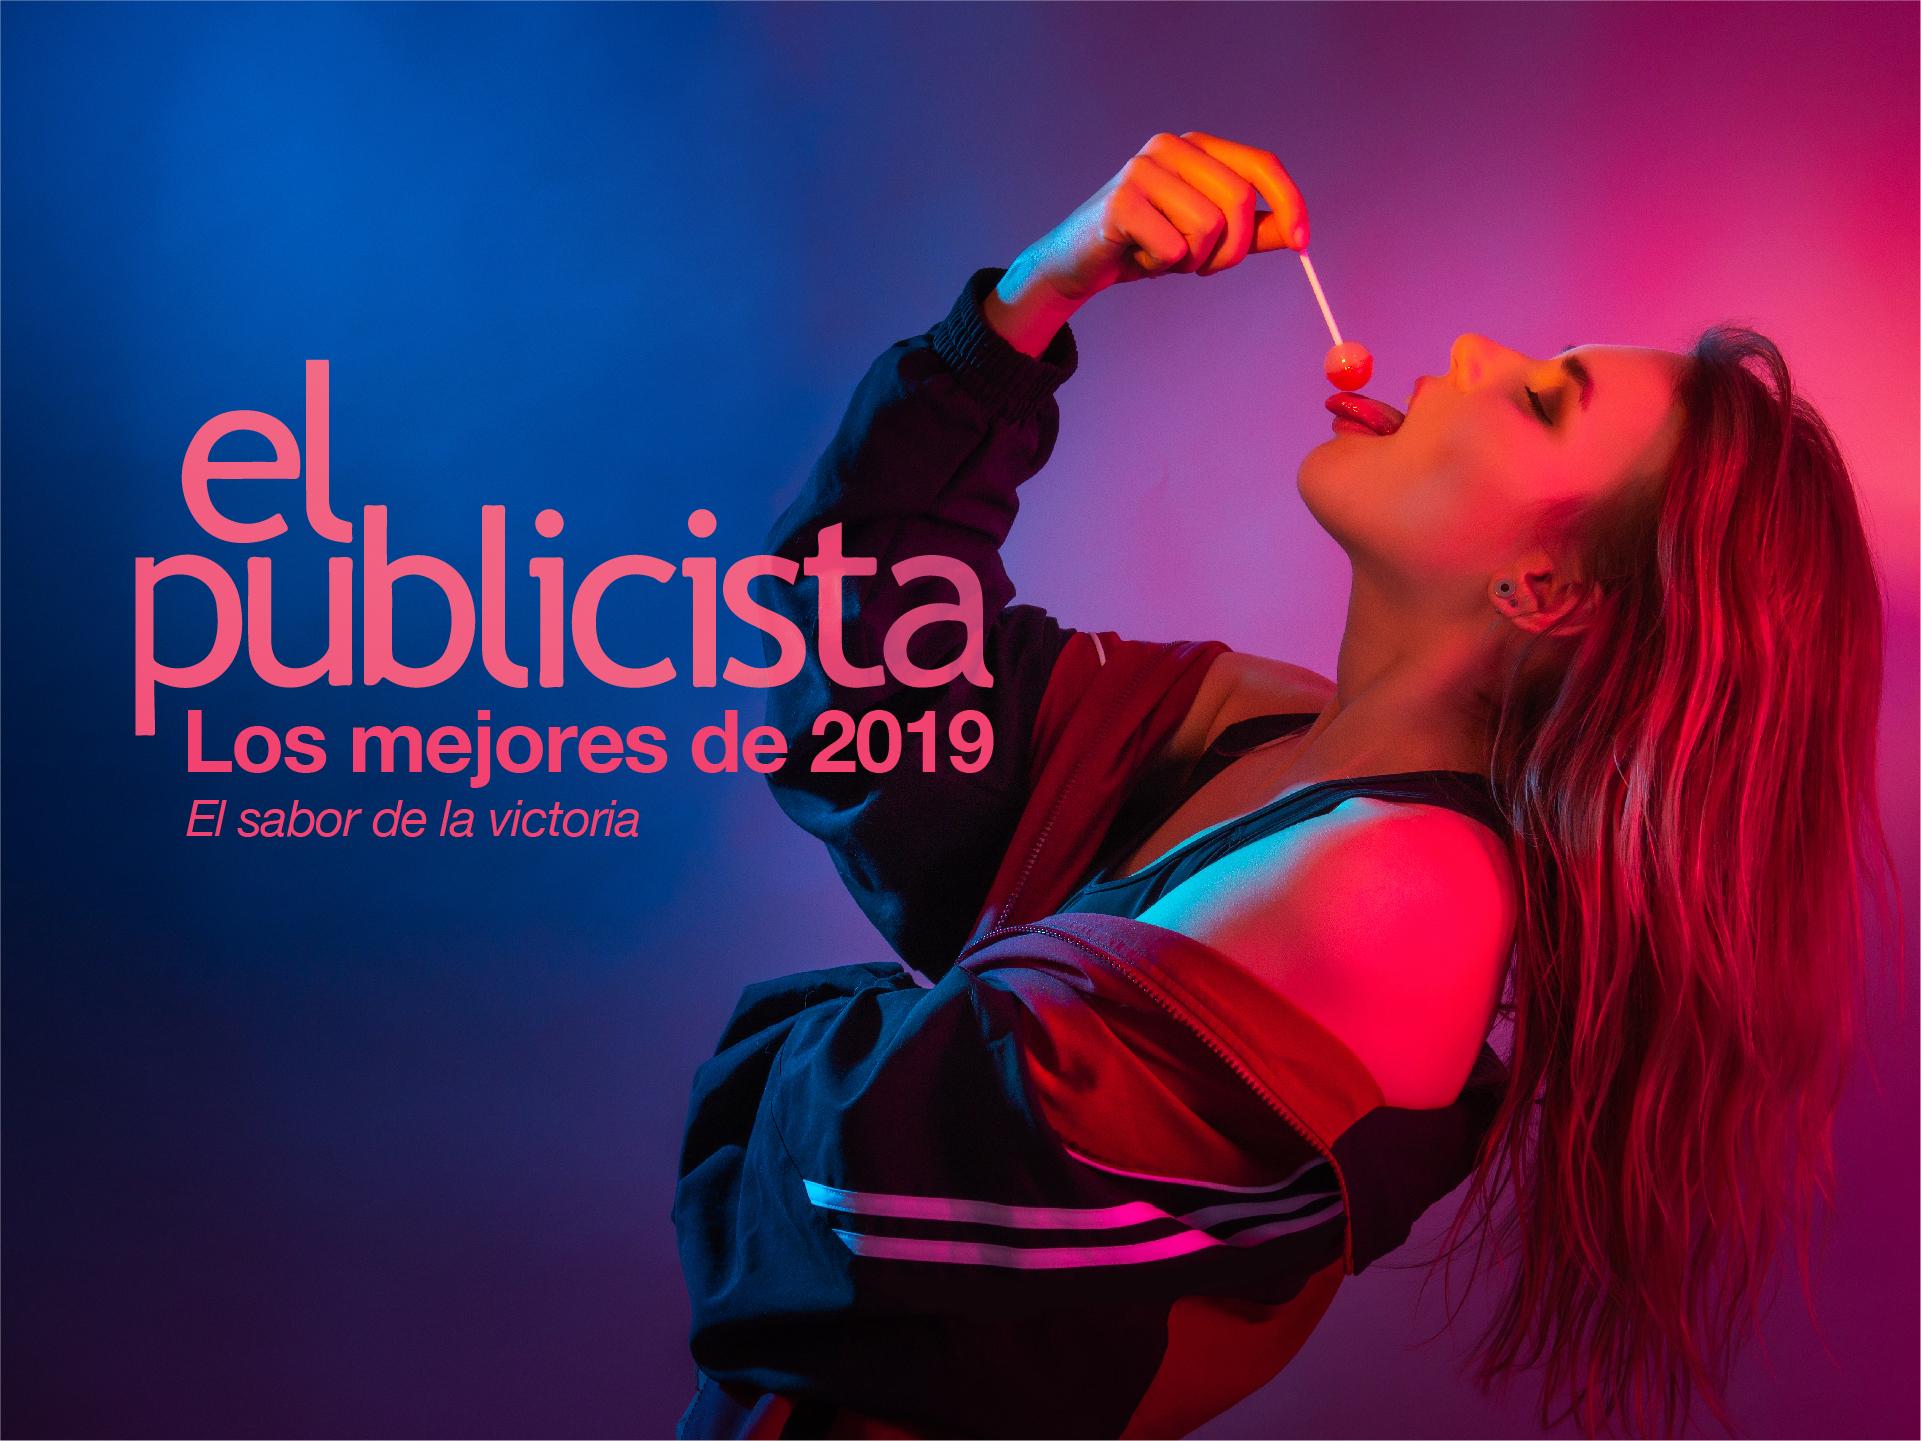 Parnaso se corona como la agencia de publicidad más eficaz de España - Parnaso